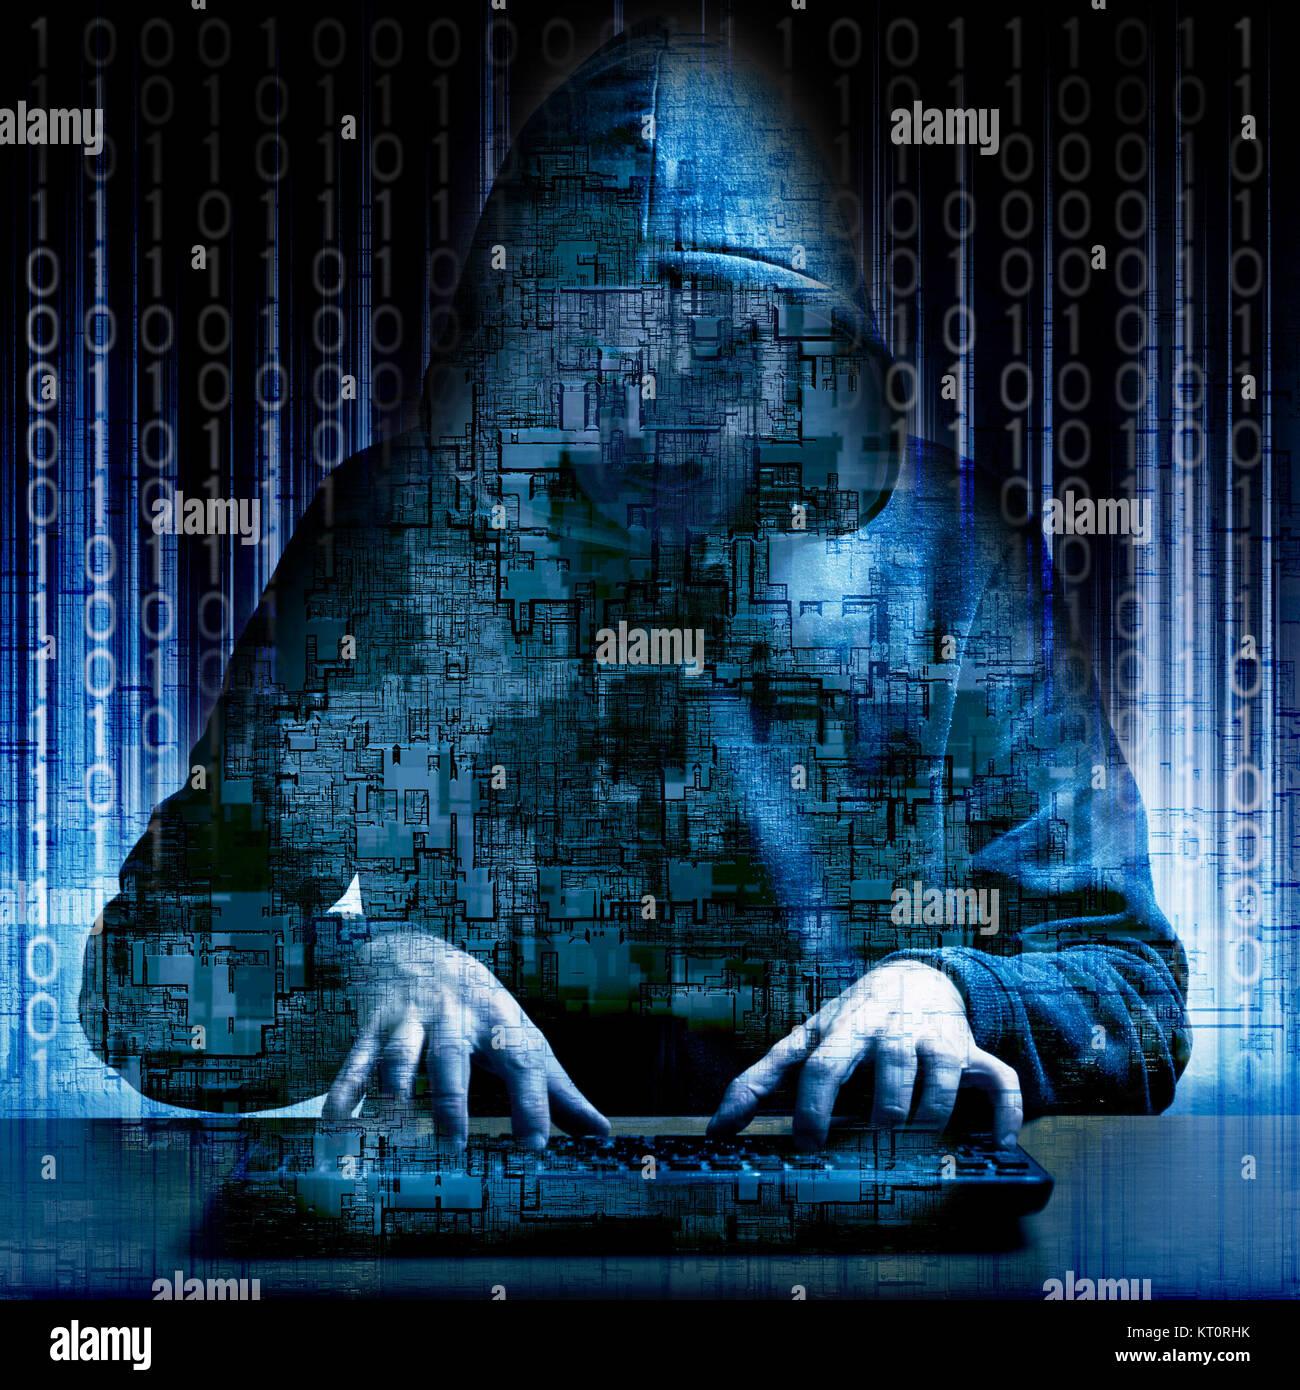 Hacker escribe código en un teclado, la ciberdelincuencia y oscuro concepto web Imagen De Stock